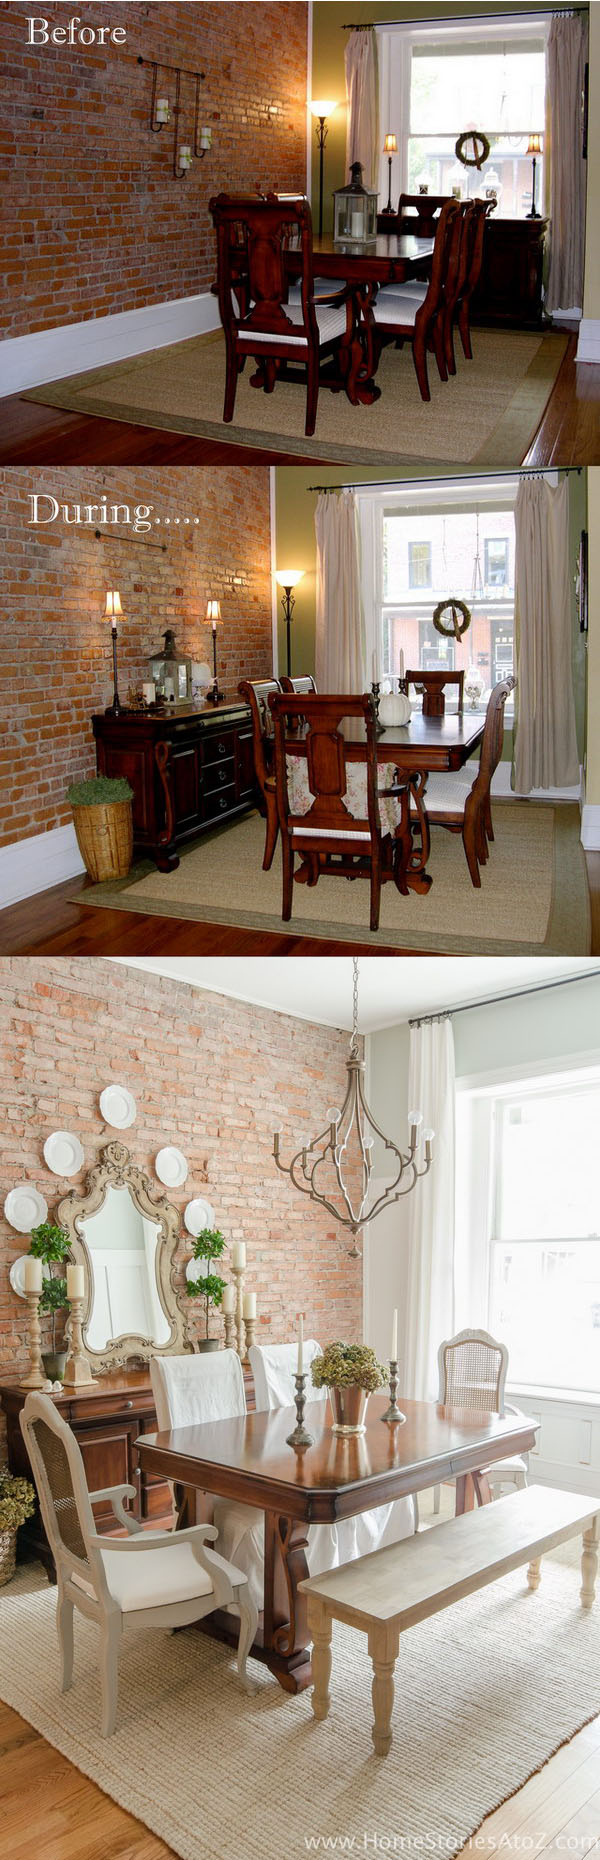 29 30 Dining Room Makeover Ideas Tutorials